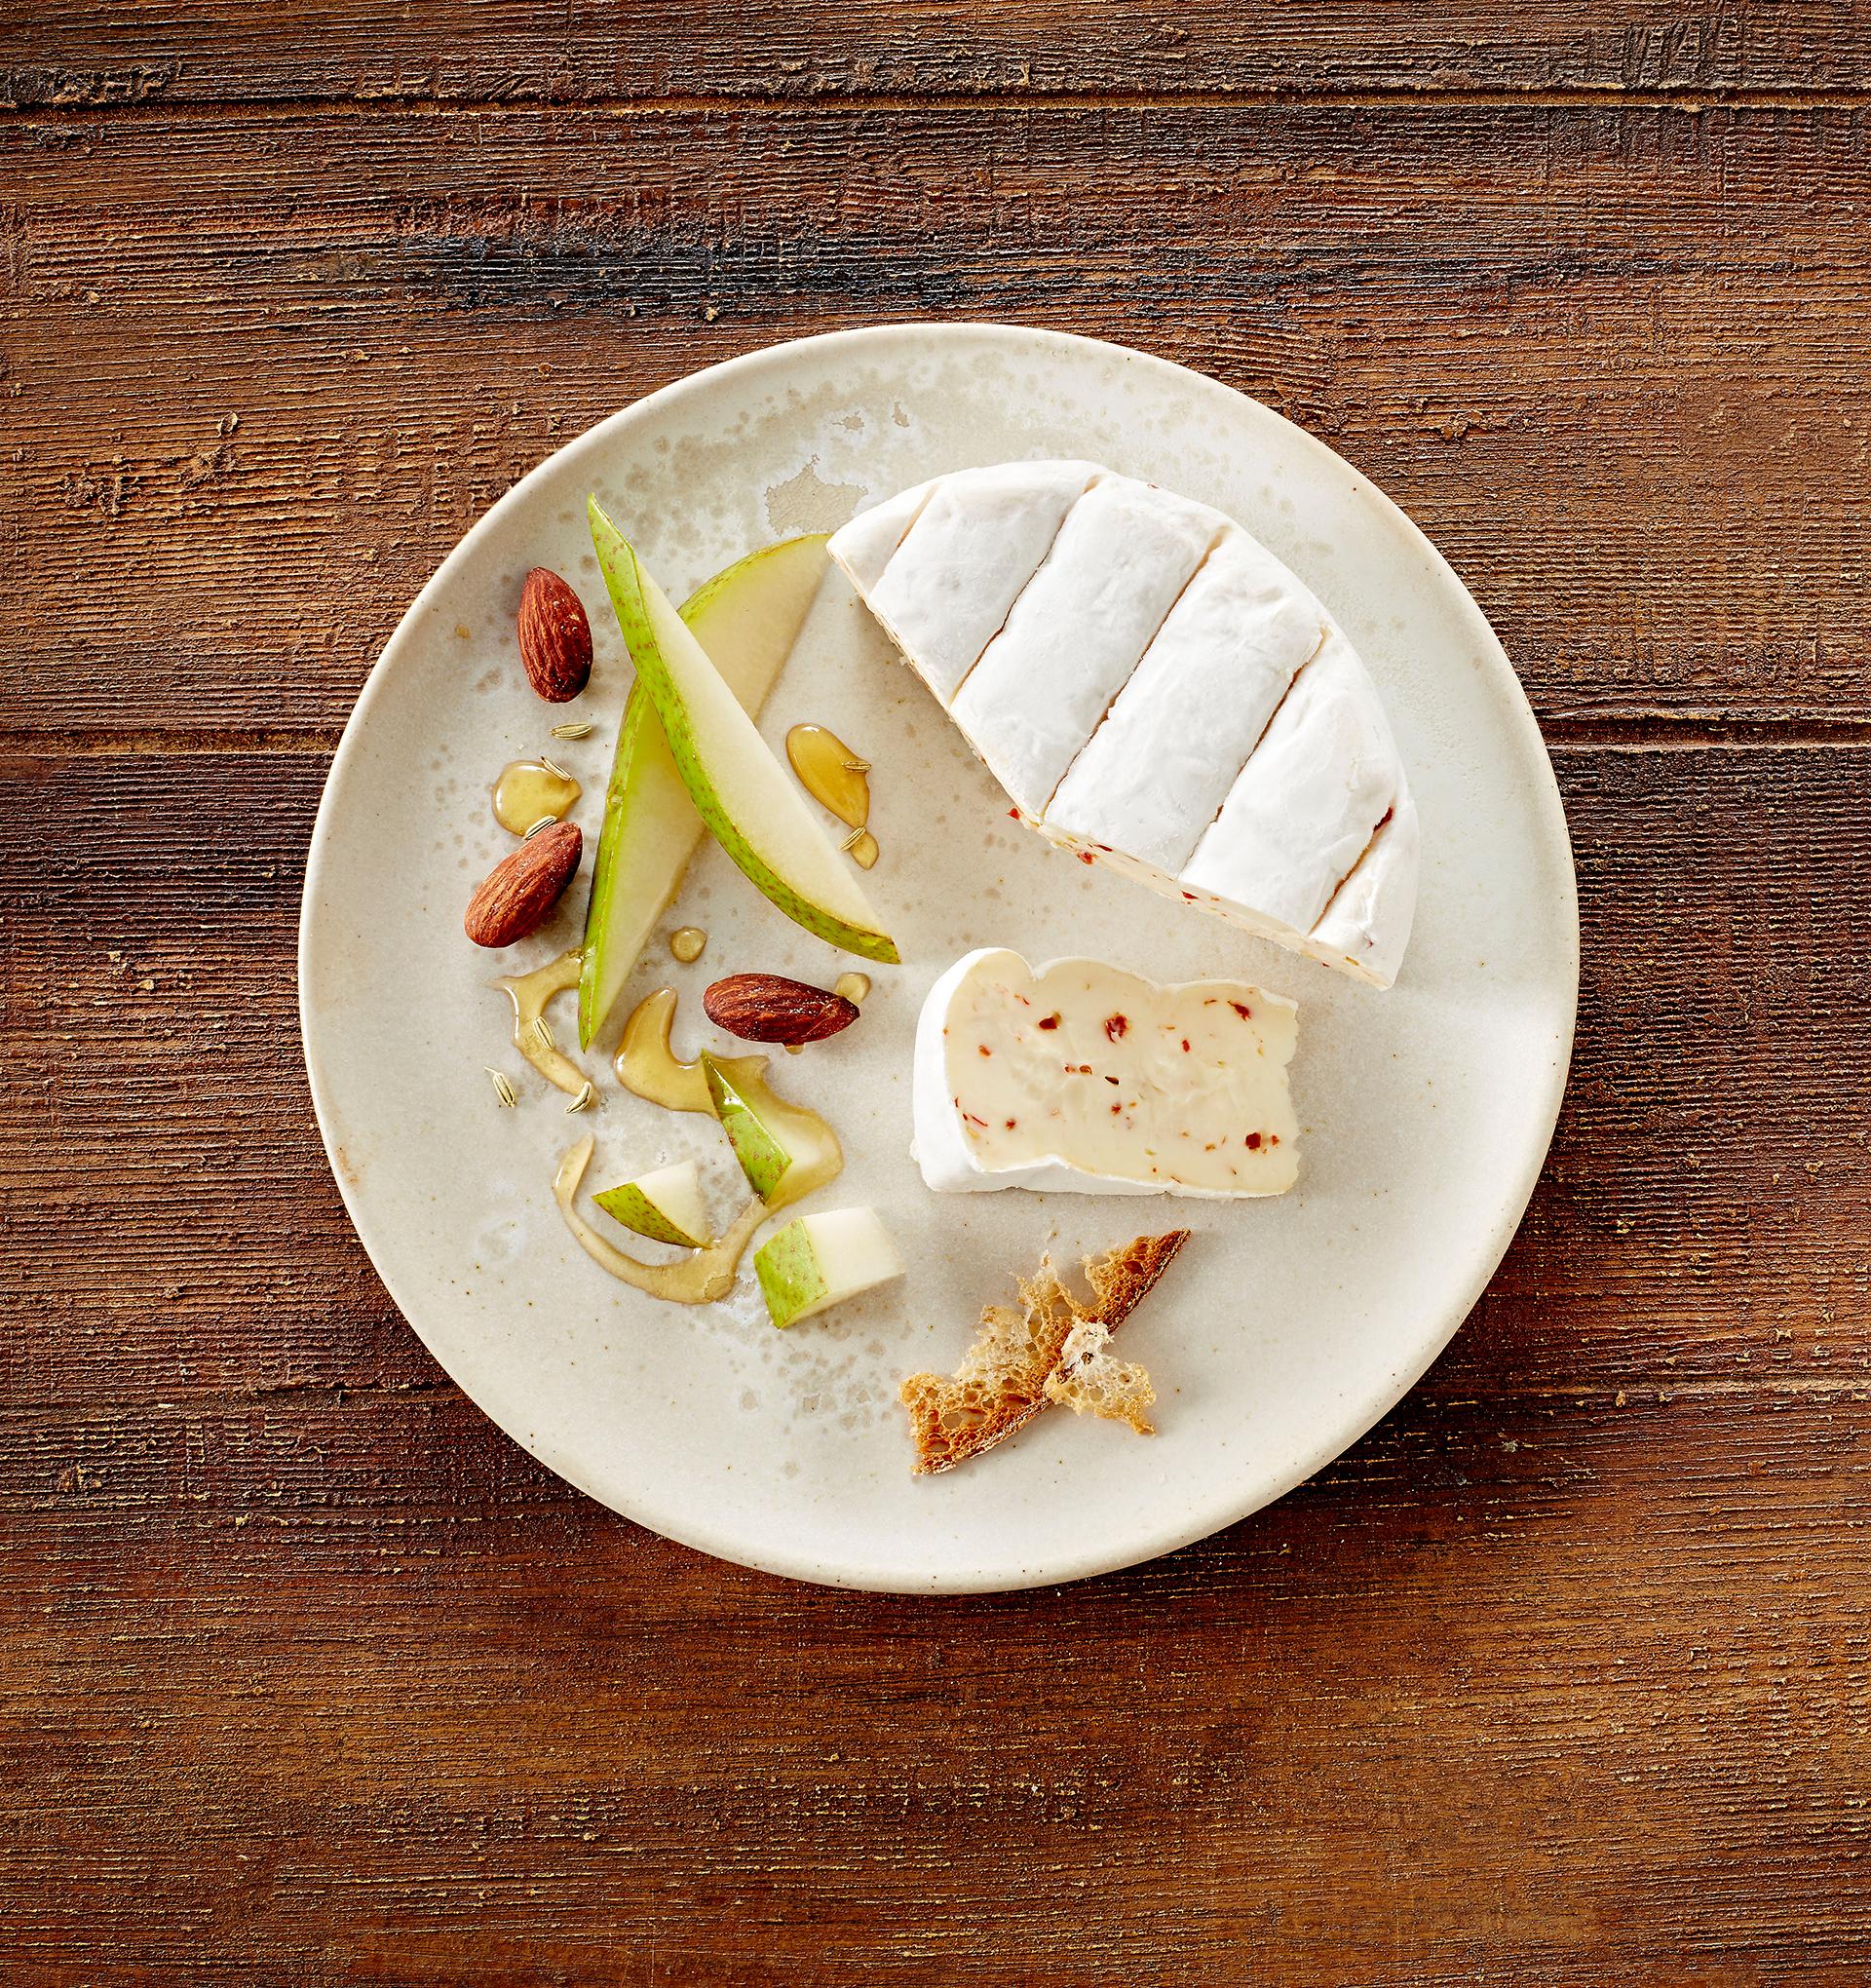 Castello® Extra Creamy Brie with Chilli